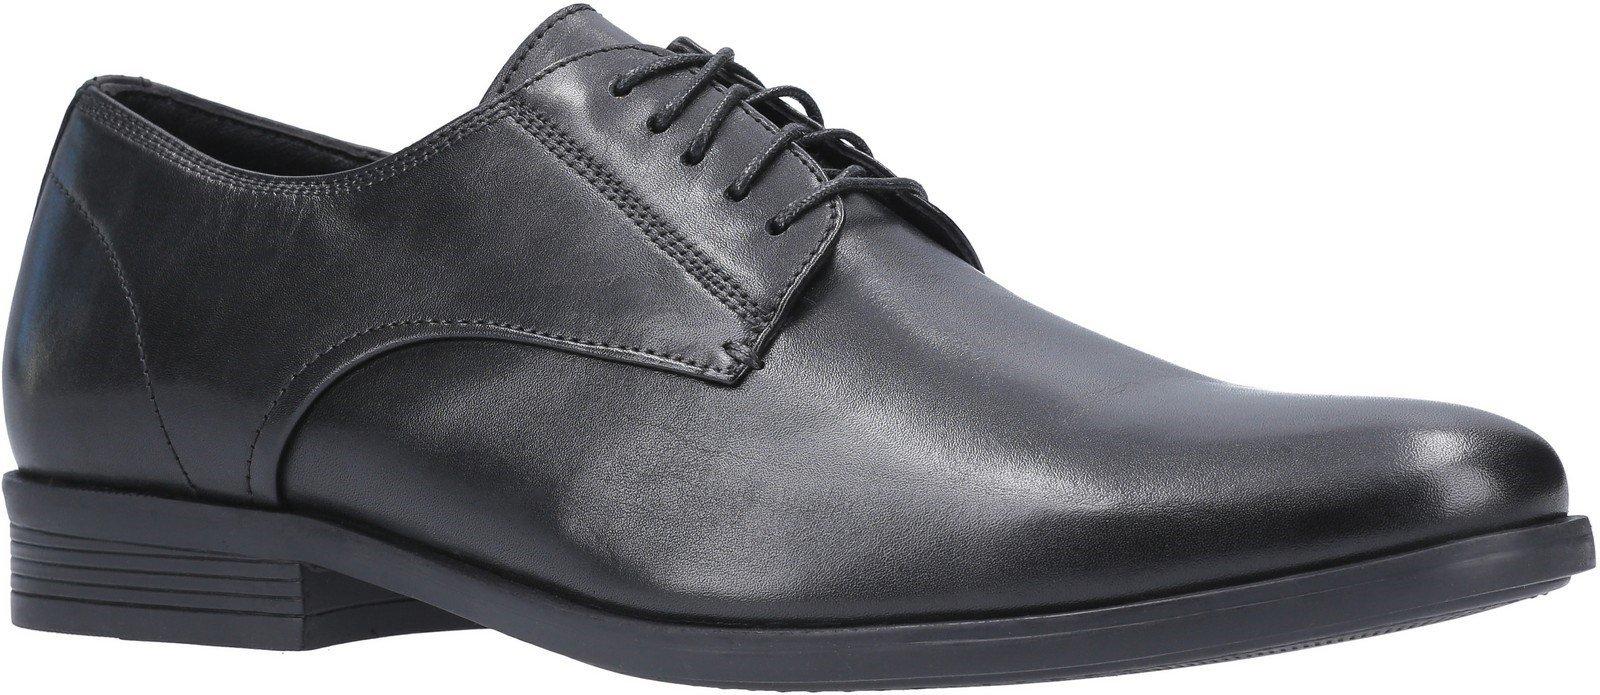 Hush Puppies Men's Oscar Clean Toe Lace Up Shoe Various Colours 29189 - Black 6